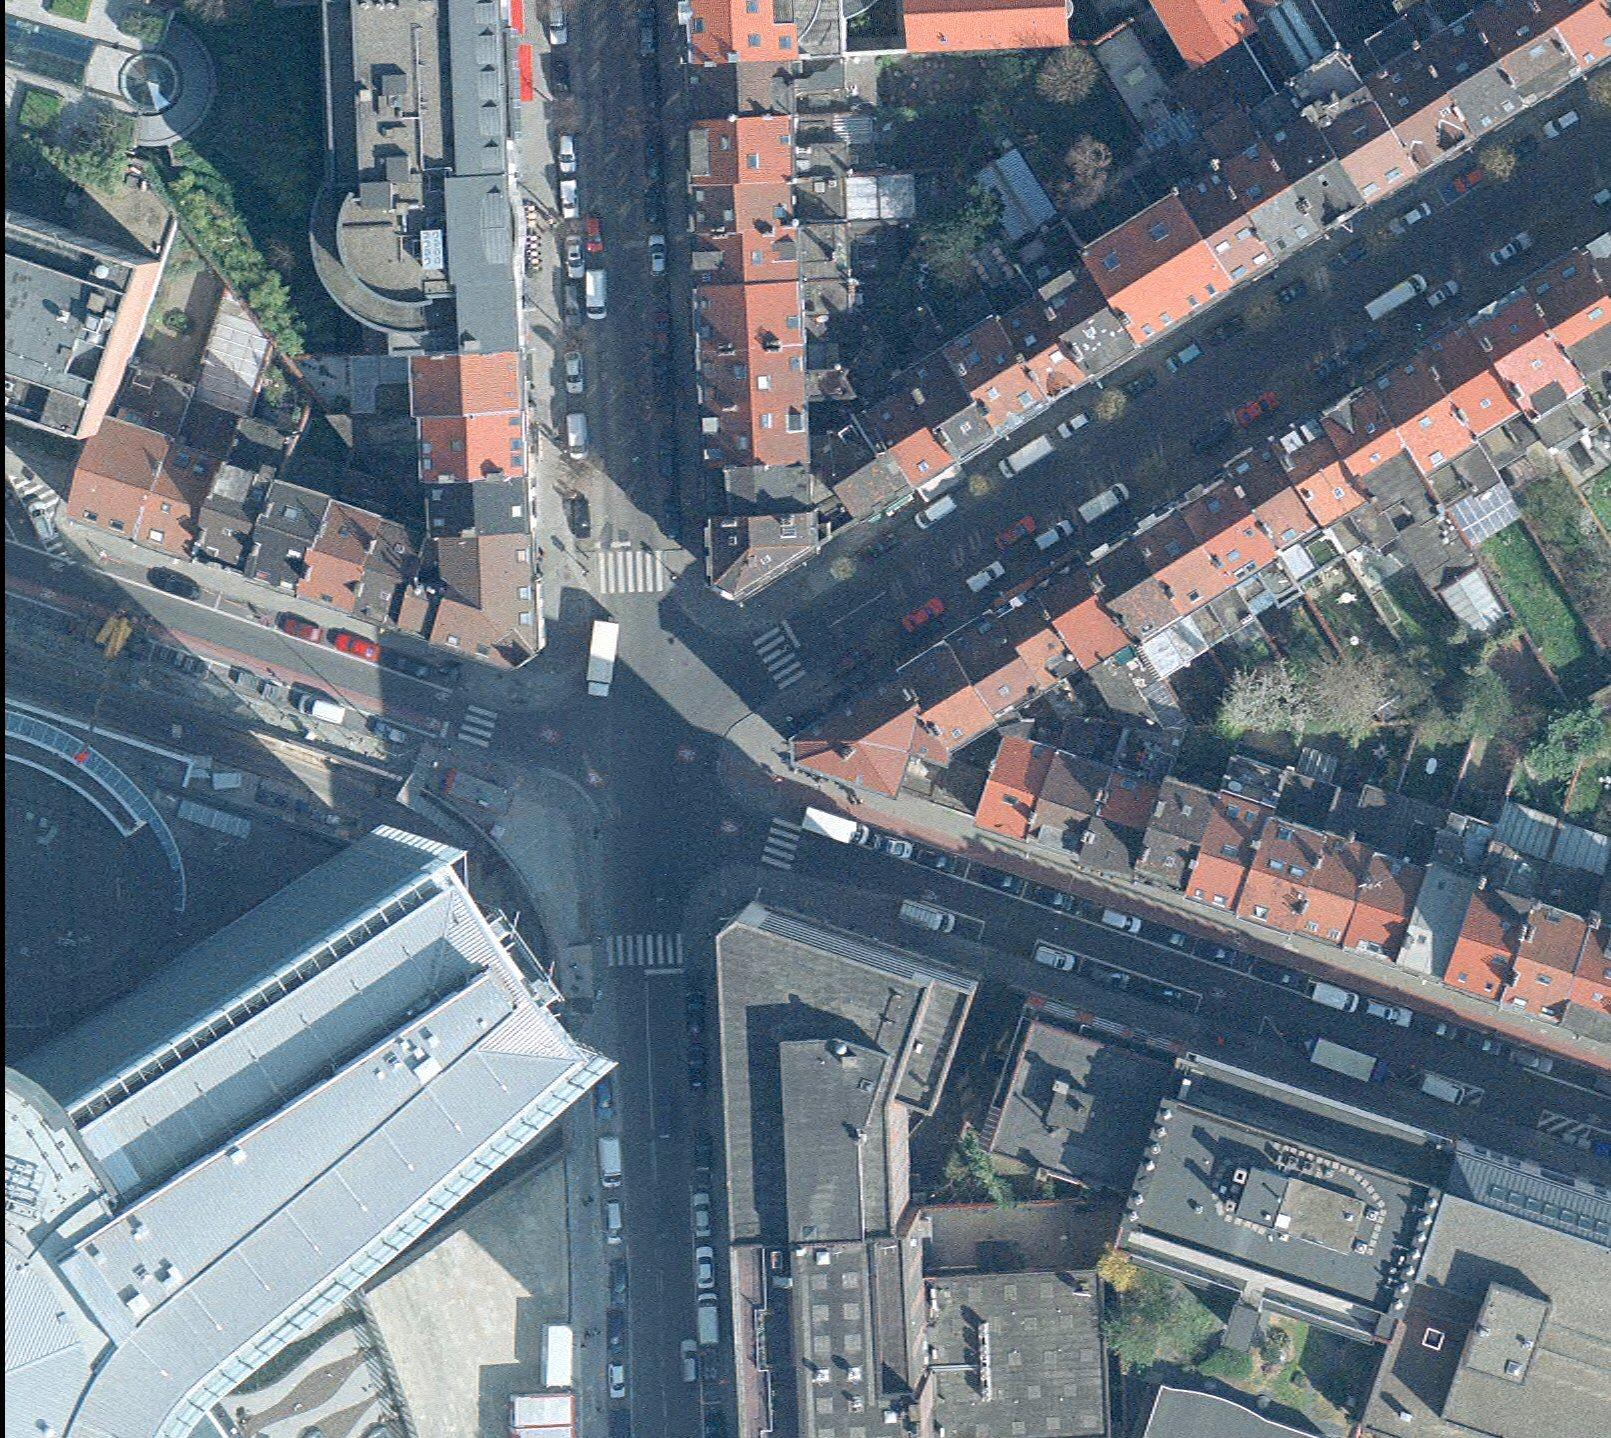 Carrefour Jean Monnet, vue aérienne.© Bruxelles UrbIS ® © – Distribution : CIRB 20 avenue des Arts, 1000 Bruxelles, photo 2009